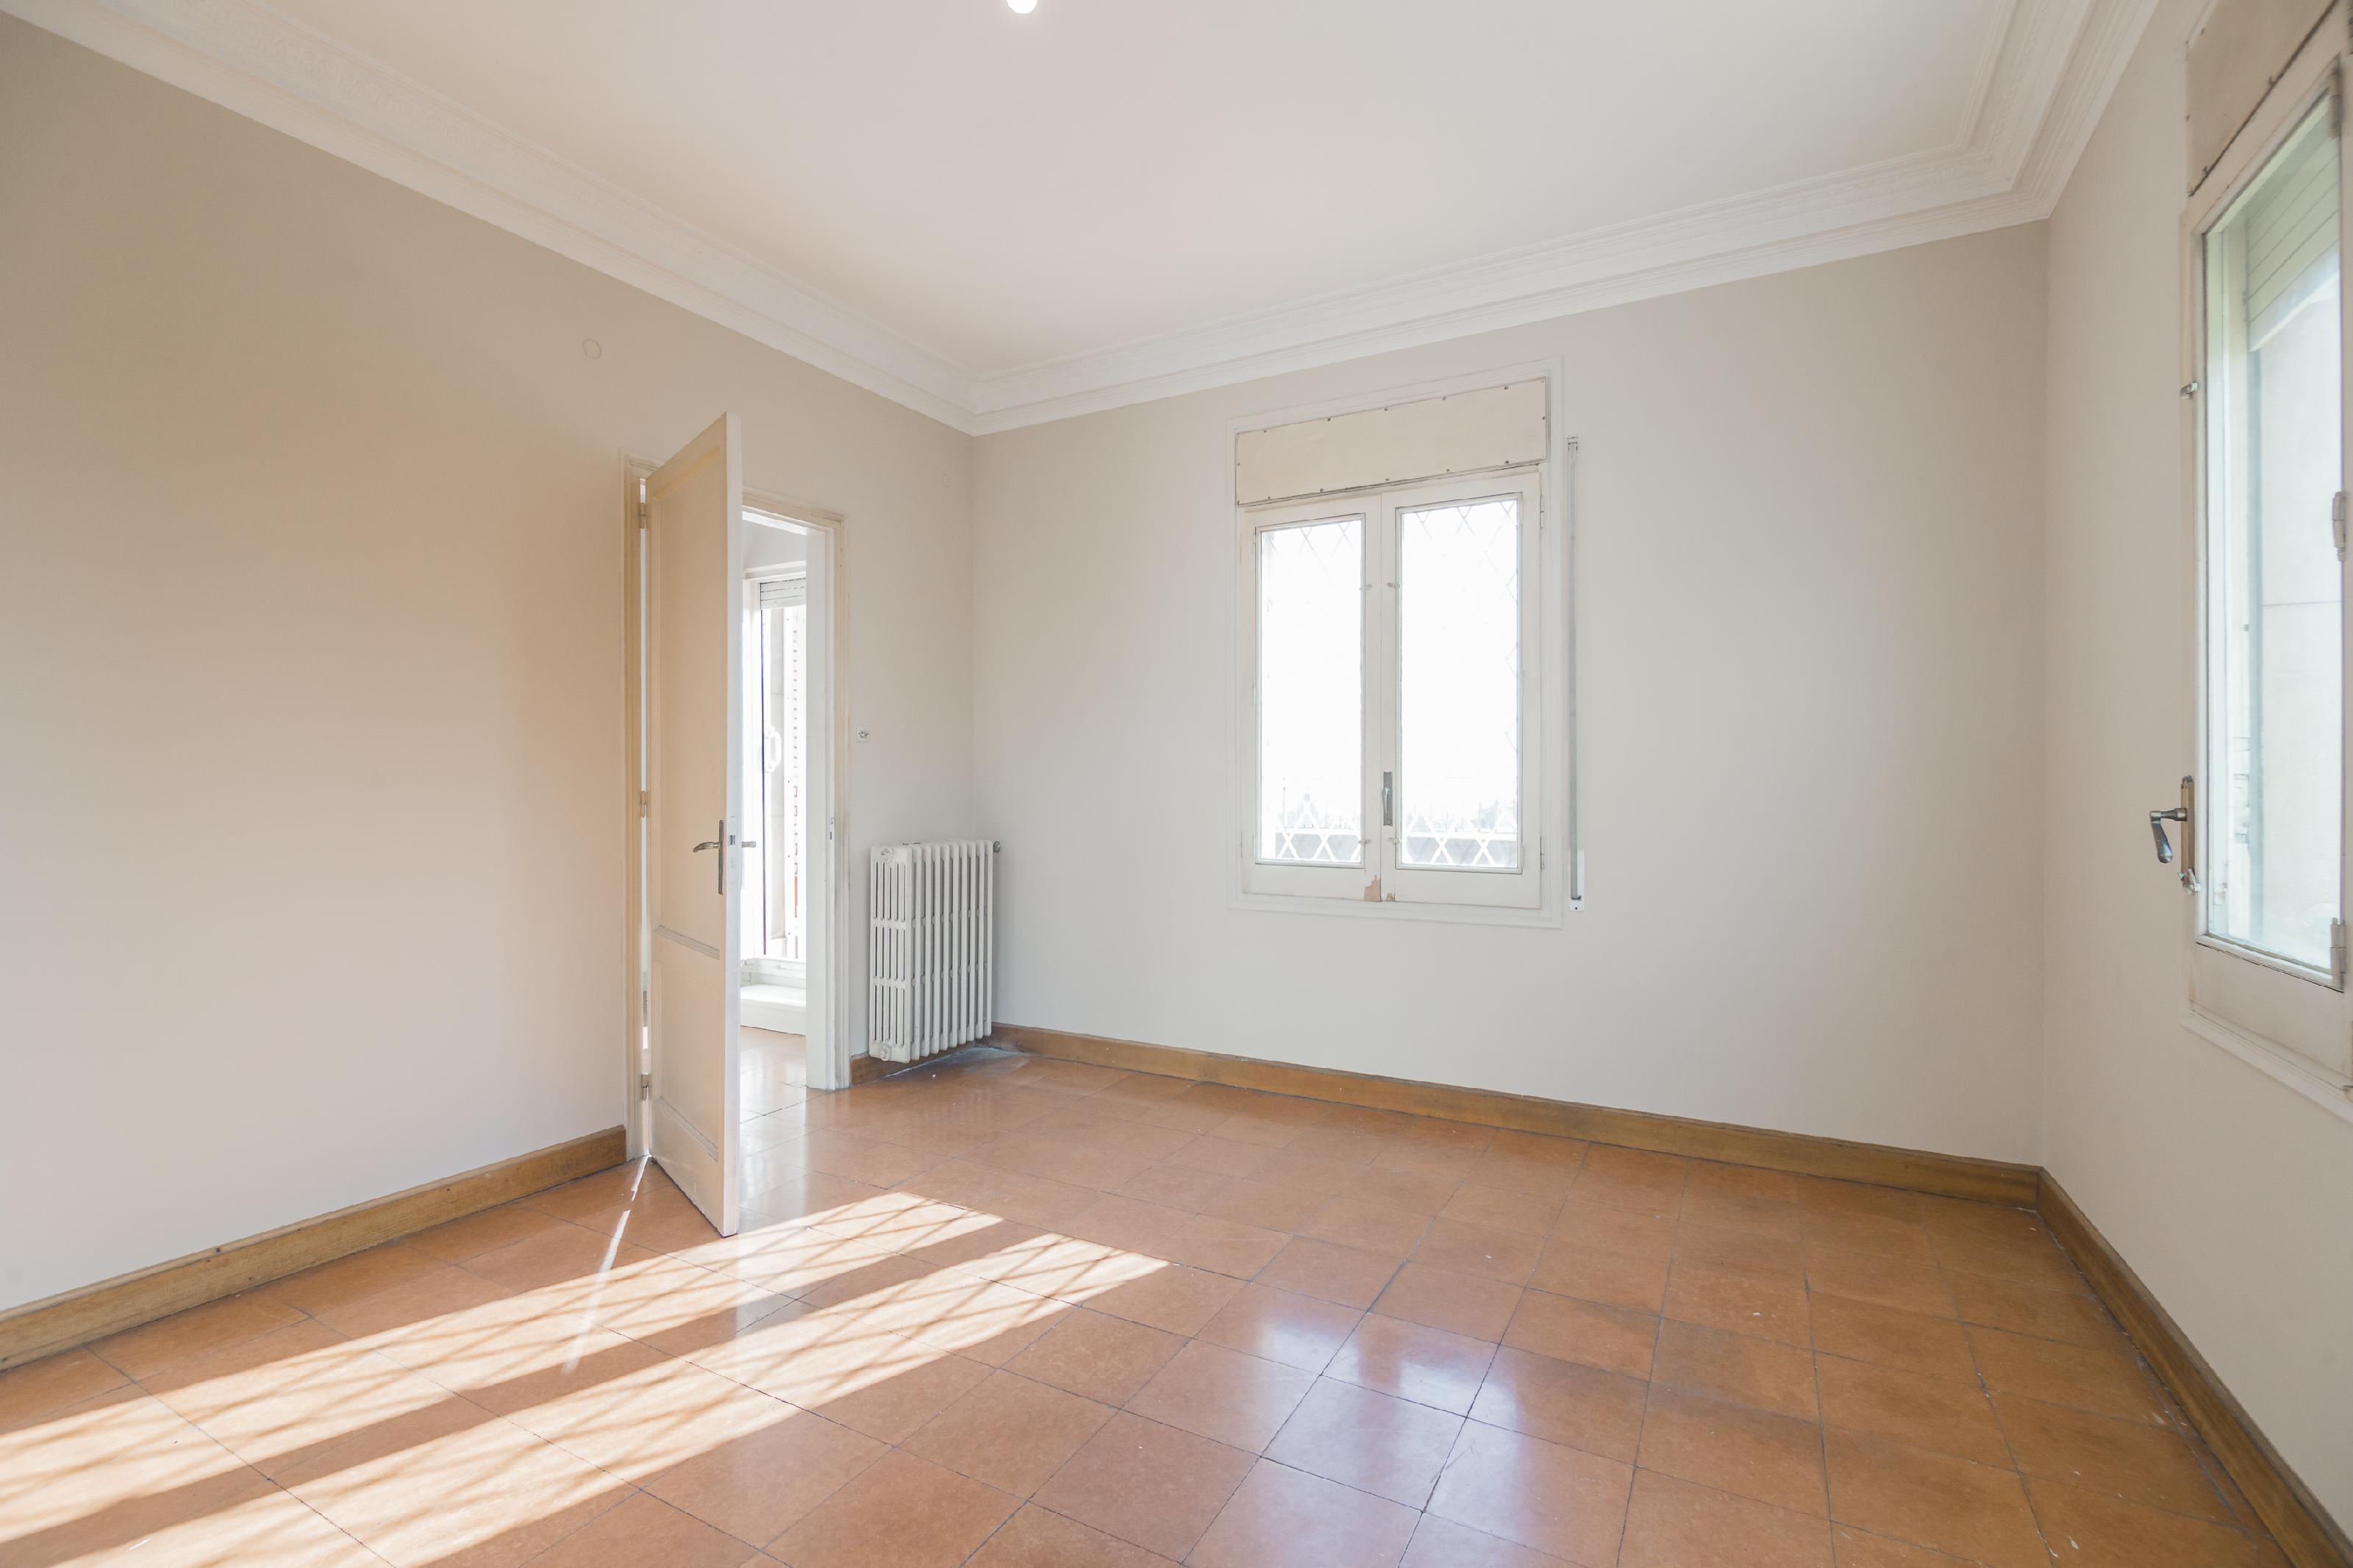 246643 Penthouse for sale in Sarrià-Sant Gervasi, St. Gervasi-Bonanova 32